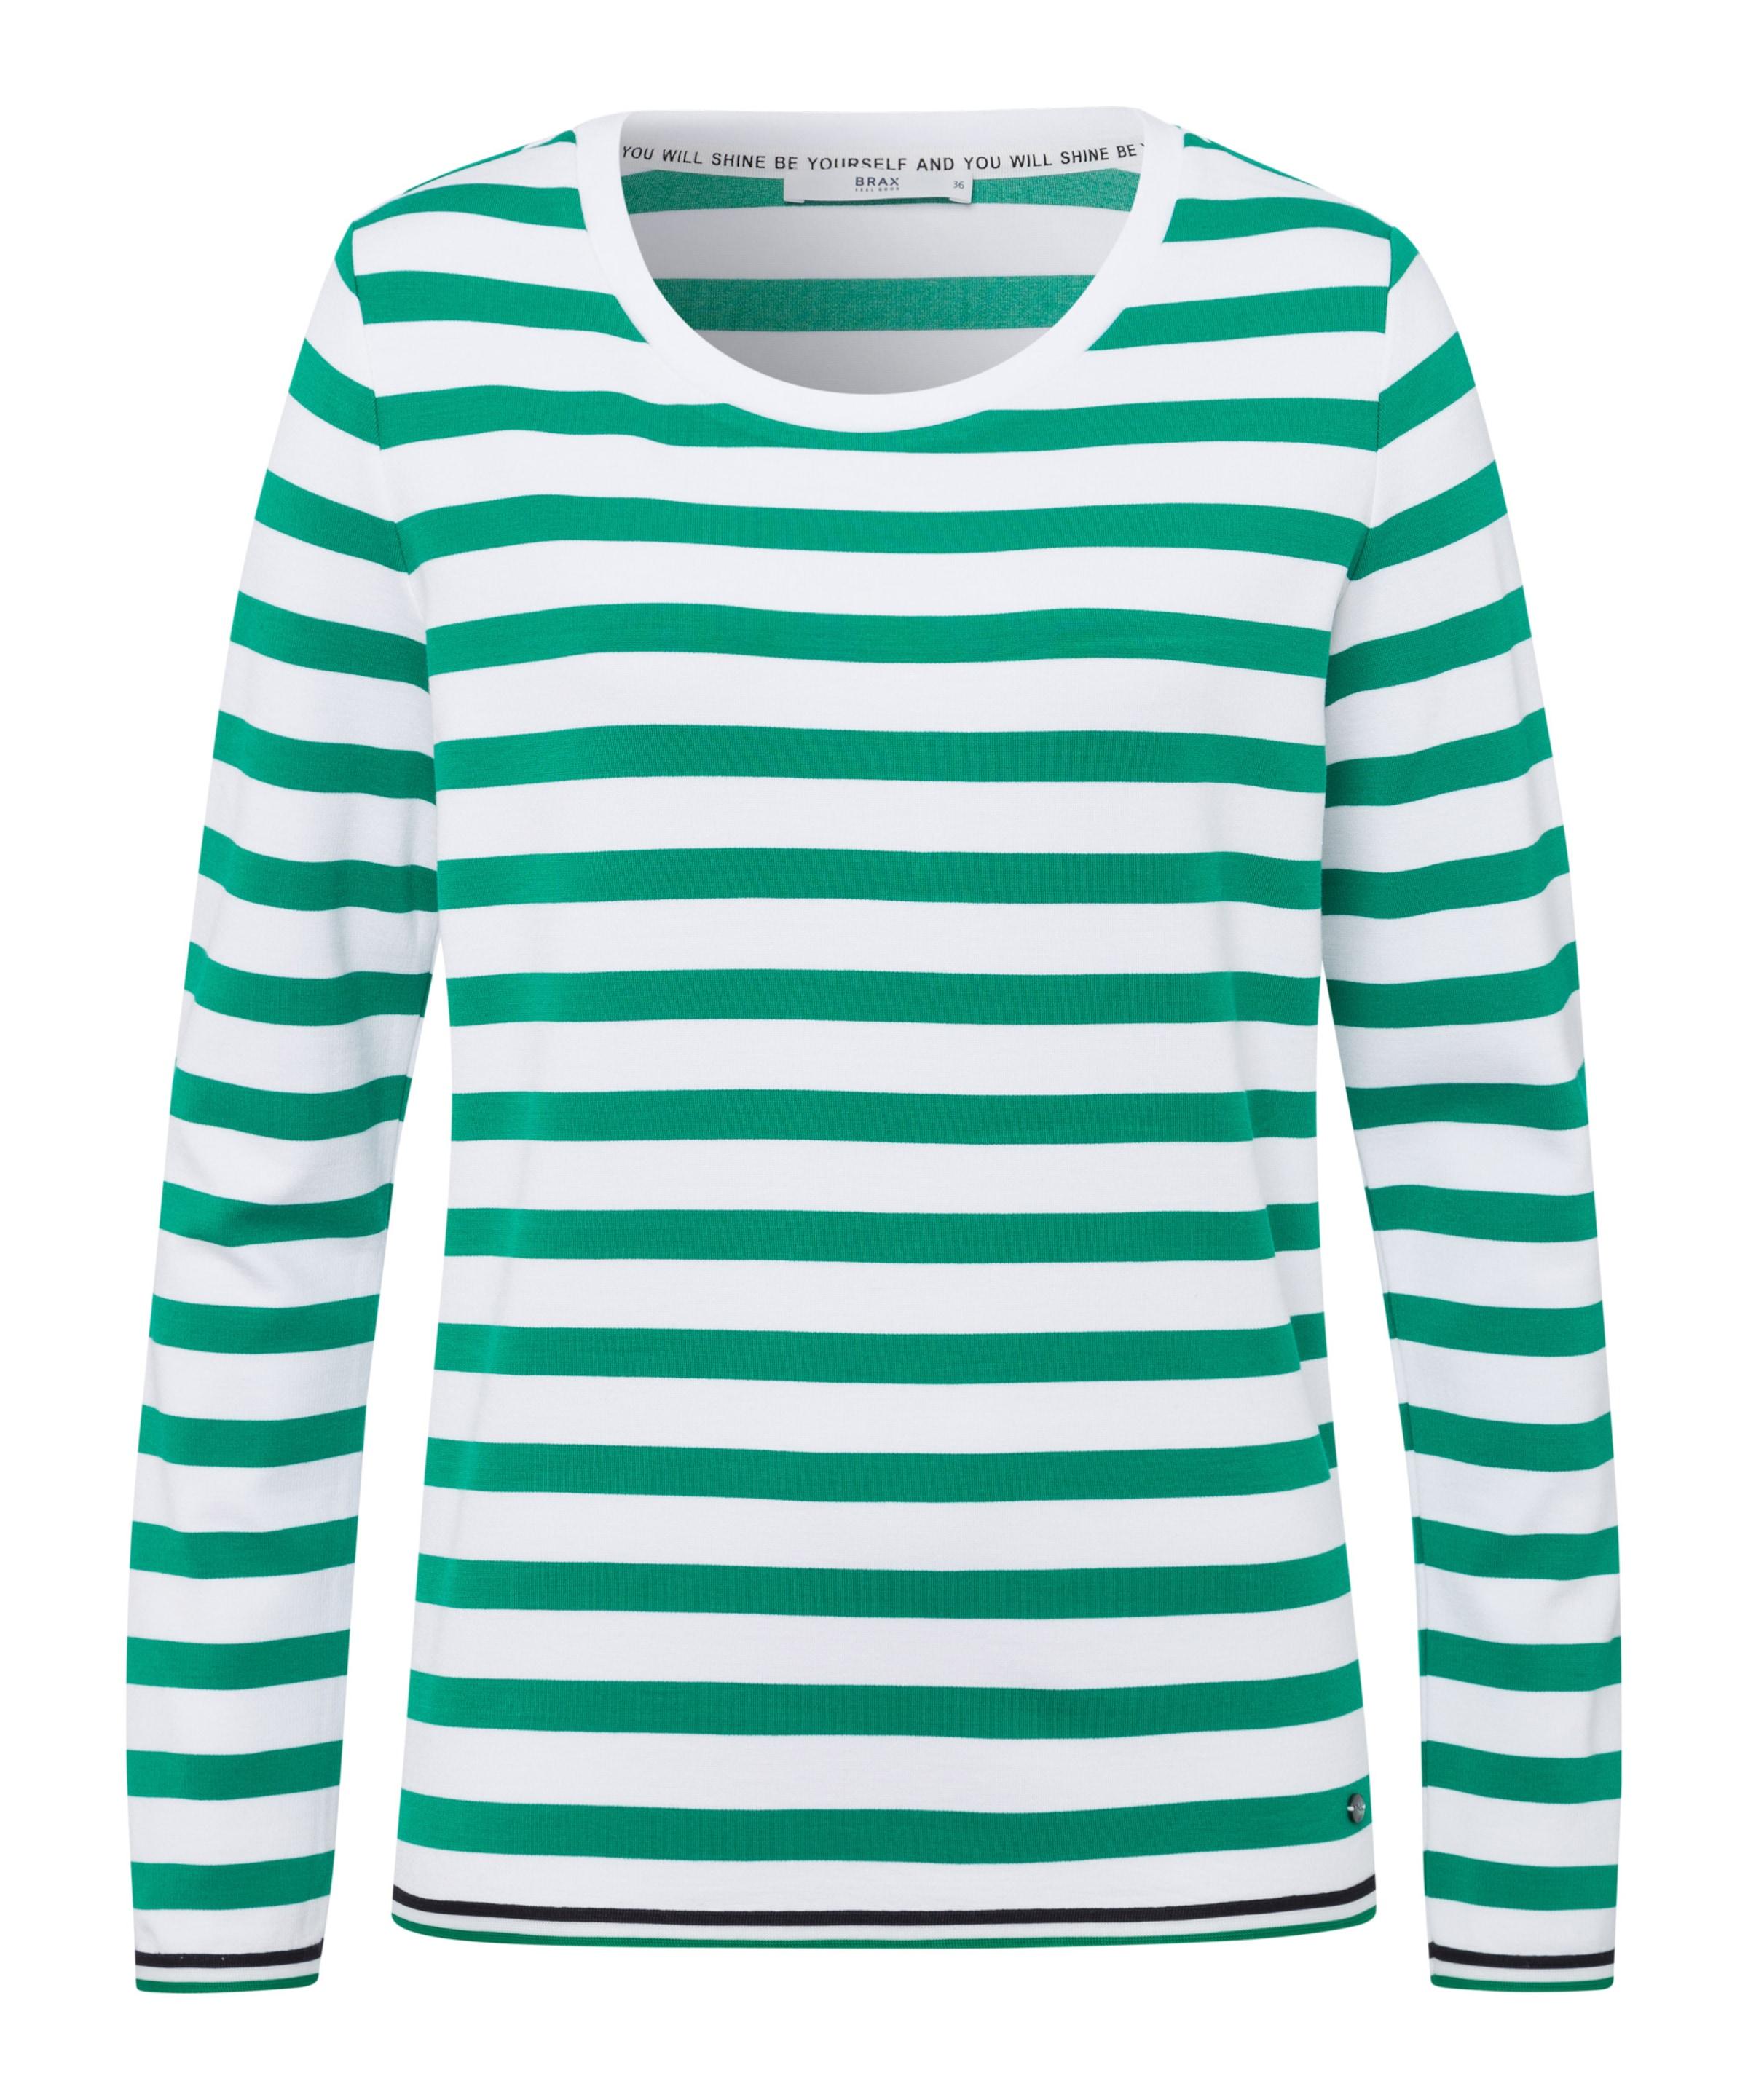 'bobbie' Brax GrünWeiß Shirt In 4S3Acj5LqR